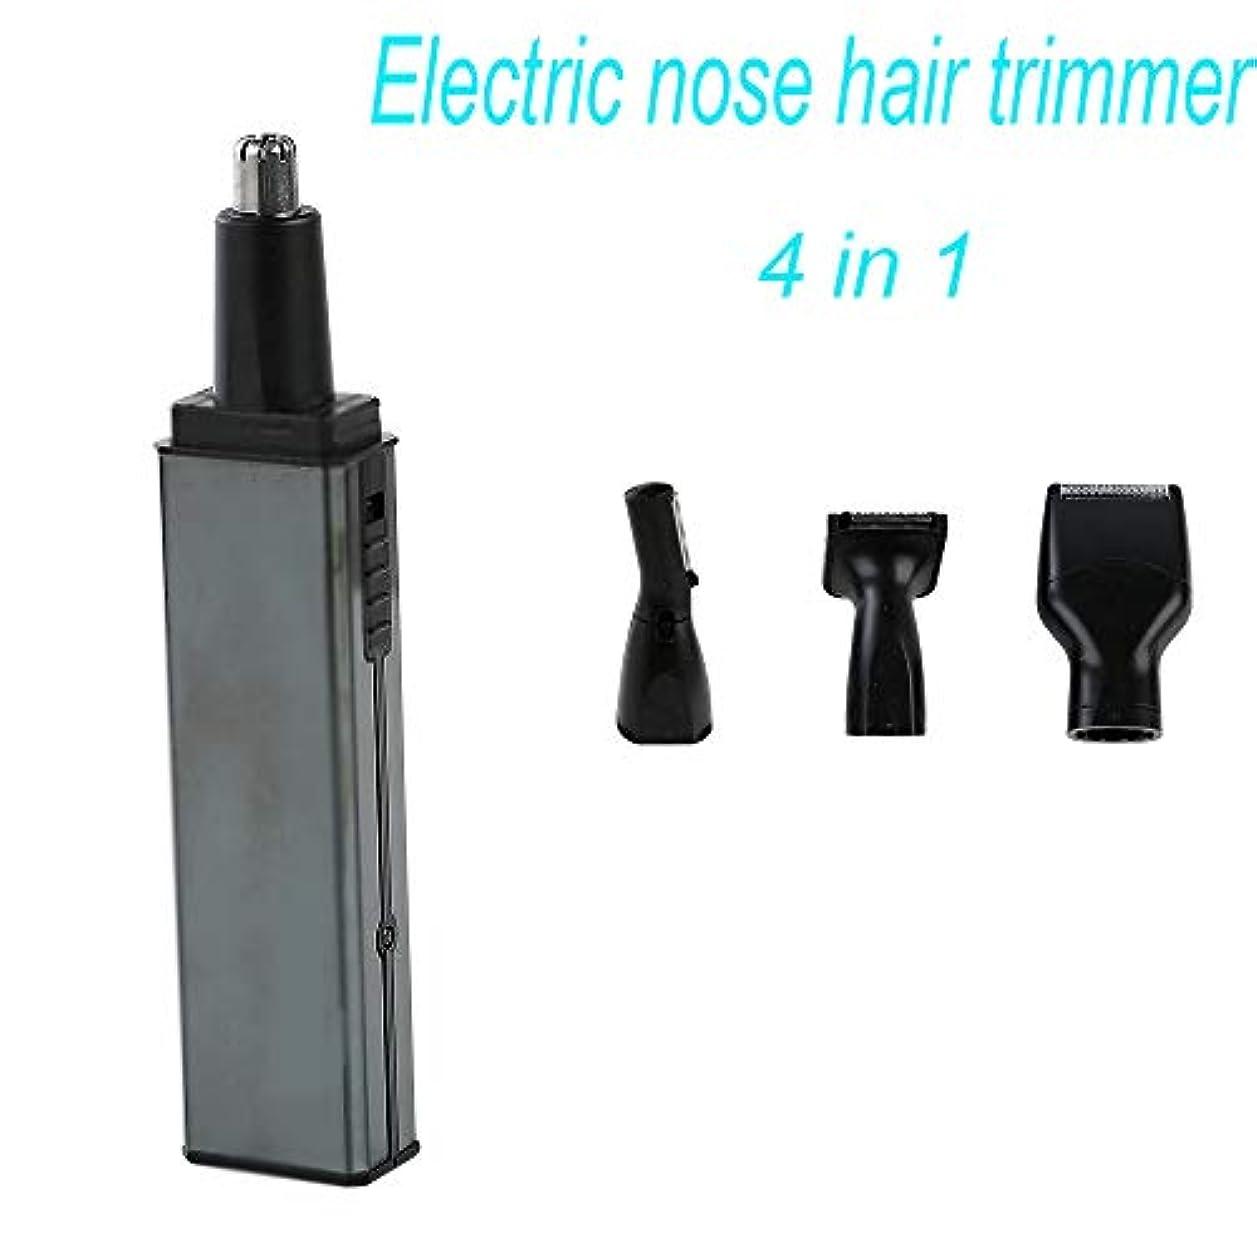 願望インスタンス1グルーミングキット鼻毛トリマー、男性用マルチファンクション耳と鼻毛トリマーで4